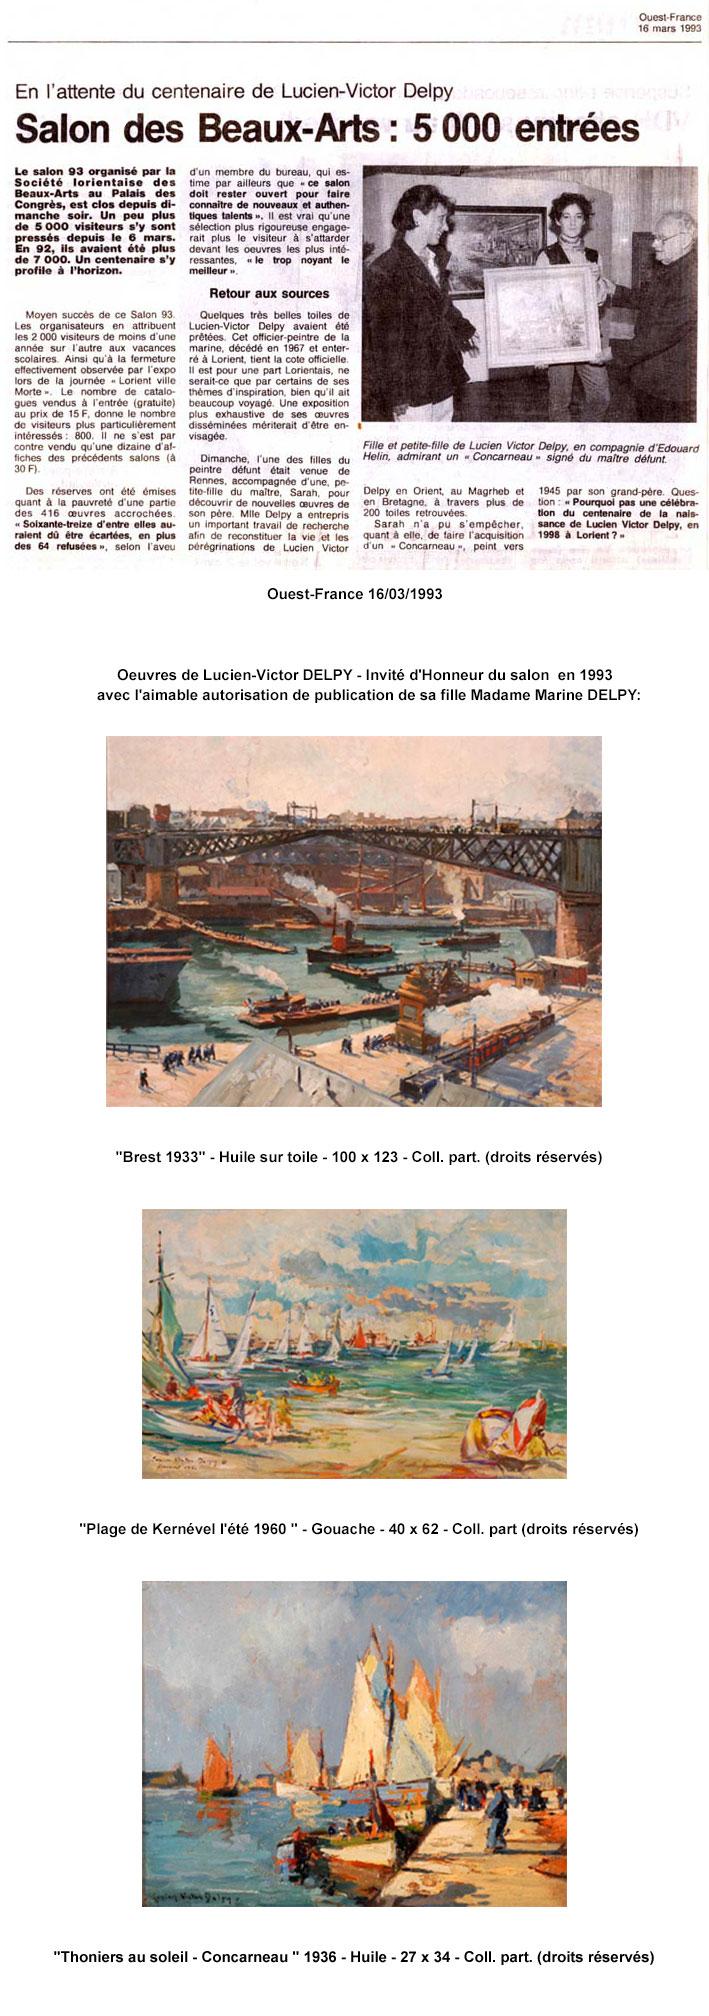 L'invité : Lucien-Victor DELPY 1898-1967 Peintre de la Marine 31 - Peintre aux Armées 45 Biographie par sa fille Marine DELPY Devenu Lorientais à 55 ans par son troisième mariage, Lucien-Victor DELPY rejoint la Société Lorientaise des Beaux-Arts, dans la ville reconstruite. Il avait connu le milieu artistique de Lorient, une vingtaine d'années auparavant. A Paris, en 1931 Lucien-Victor DELPY fut nommé Peintre de la Marine, à 33 ans. C'est cet honneur qui lui valut un bel accueil parmi les exposants de la SLBA de 1933 ,1937... Les Lorientais découvraient alors son regard passionné sur le spectacle si varié de la mer et ses métiers, de son port d'attache Concarneau, et du port militaire de Brest. Ses oeuvres émouvantes, souvent historiques, eurent du succès. Brossées puissamment, elles sont le reflet de son époque, aux couleurs de la vie, de la lumière, de son beau talent reconnu ,de Peintre de la Marine (1931),et Peintre aux Armées (1945), très conscient de son devoir de mémoire.